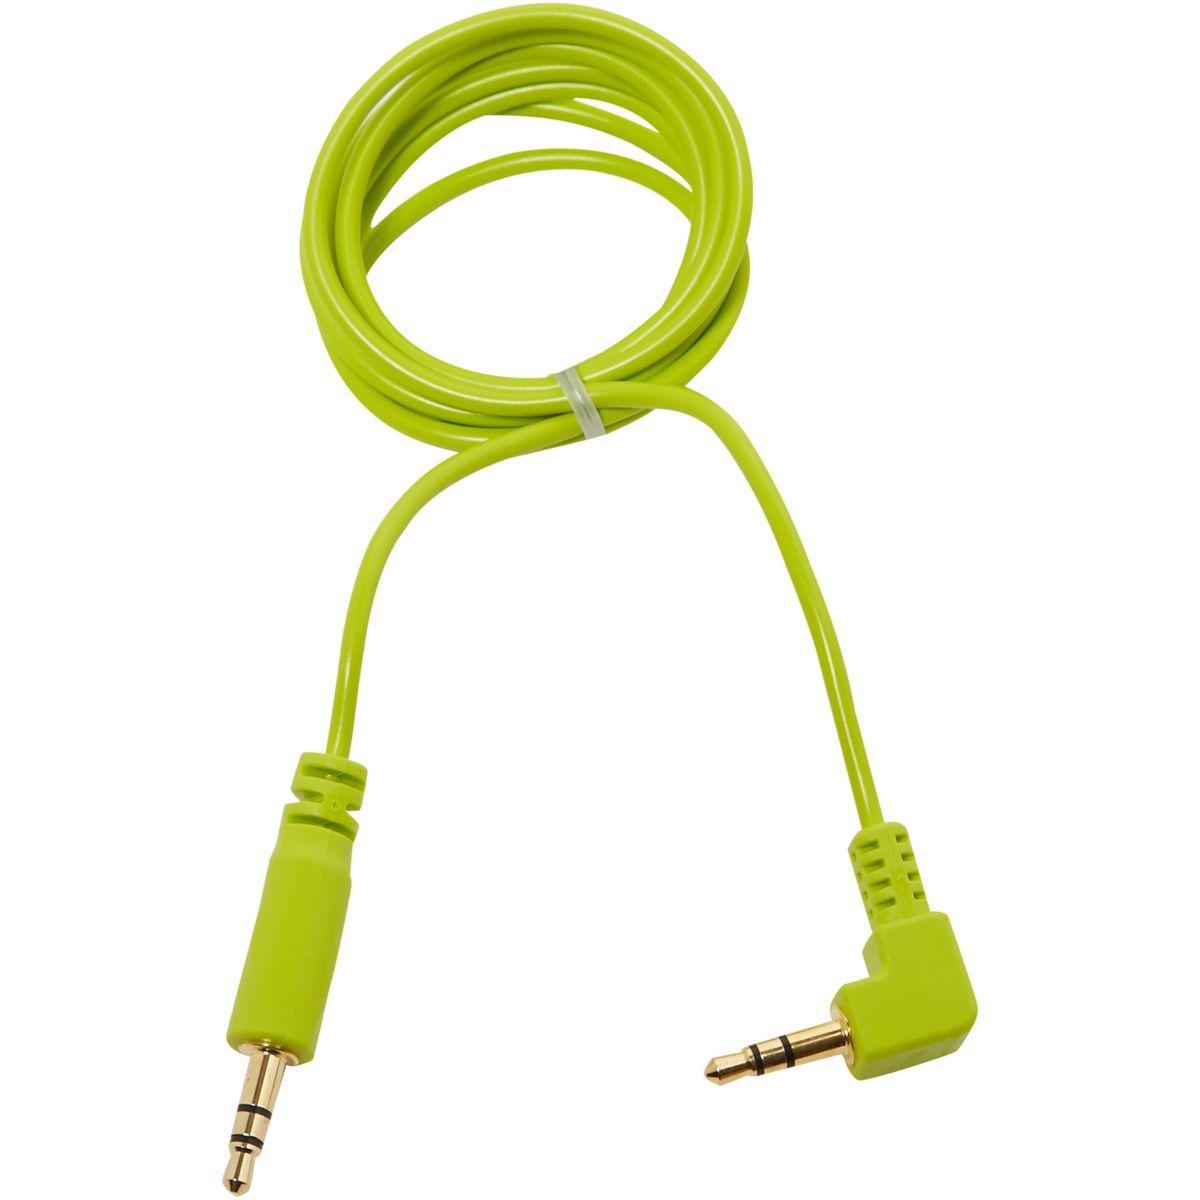 C�ble oglo jack 3,5 mm oglo# loops vert (photo)